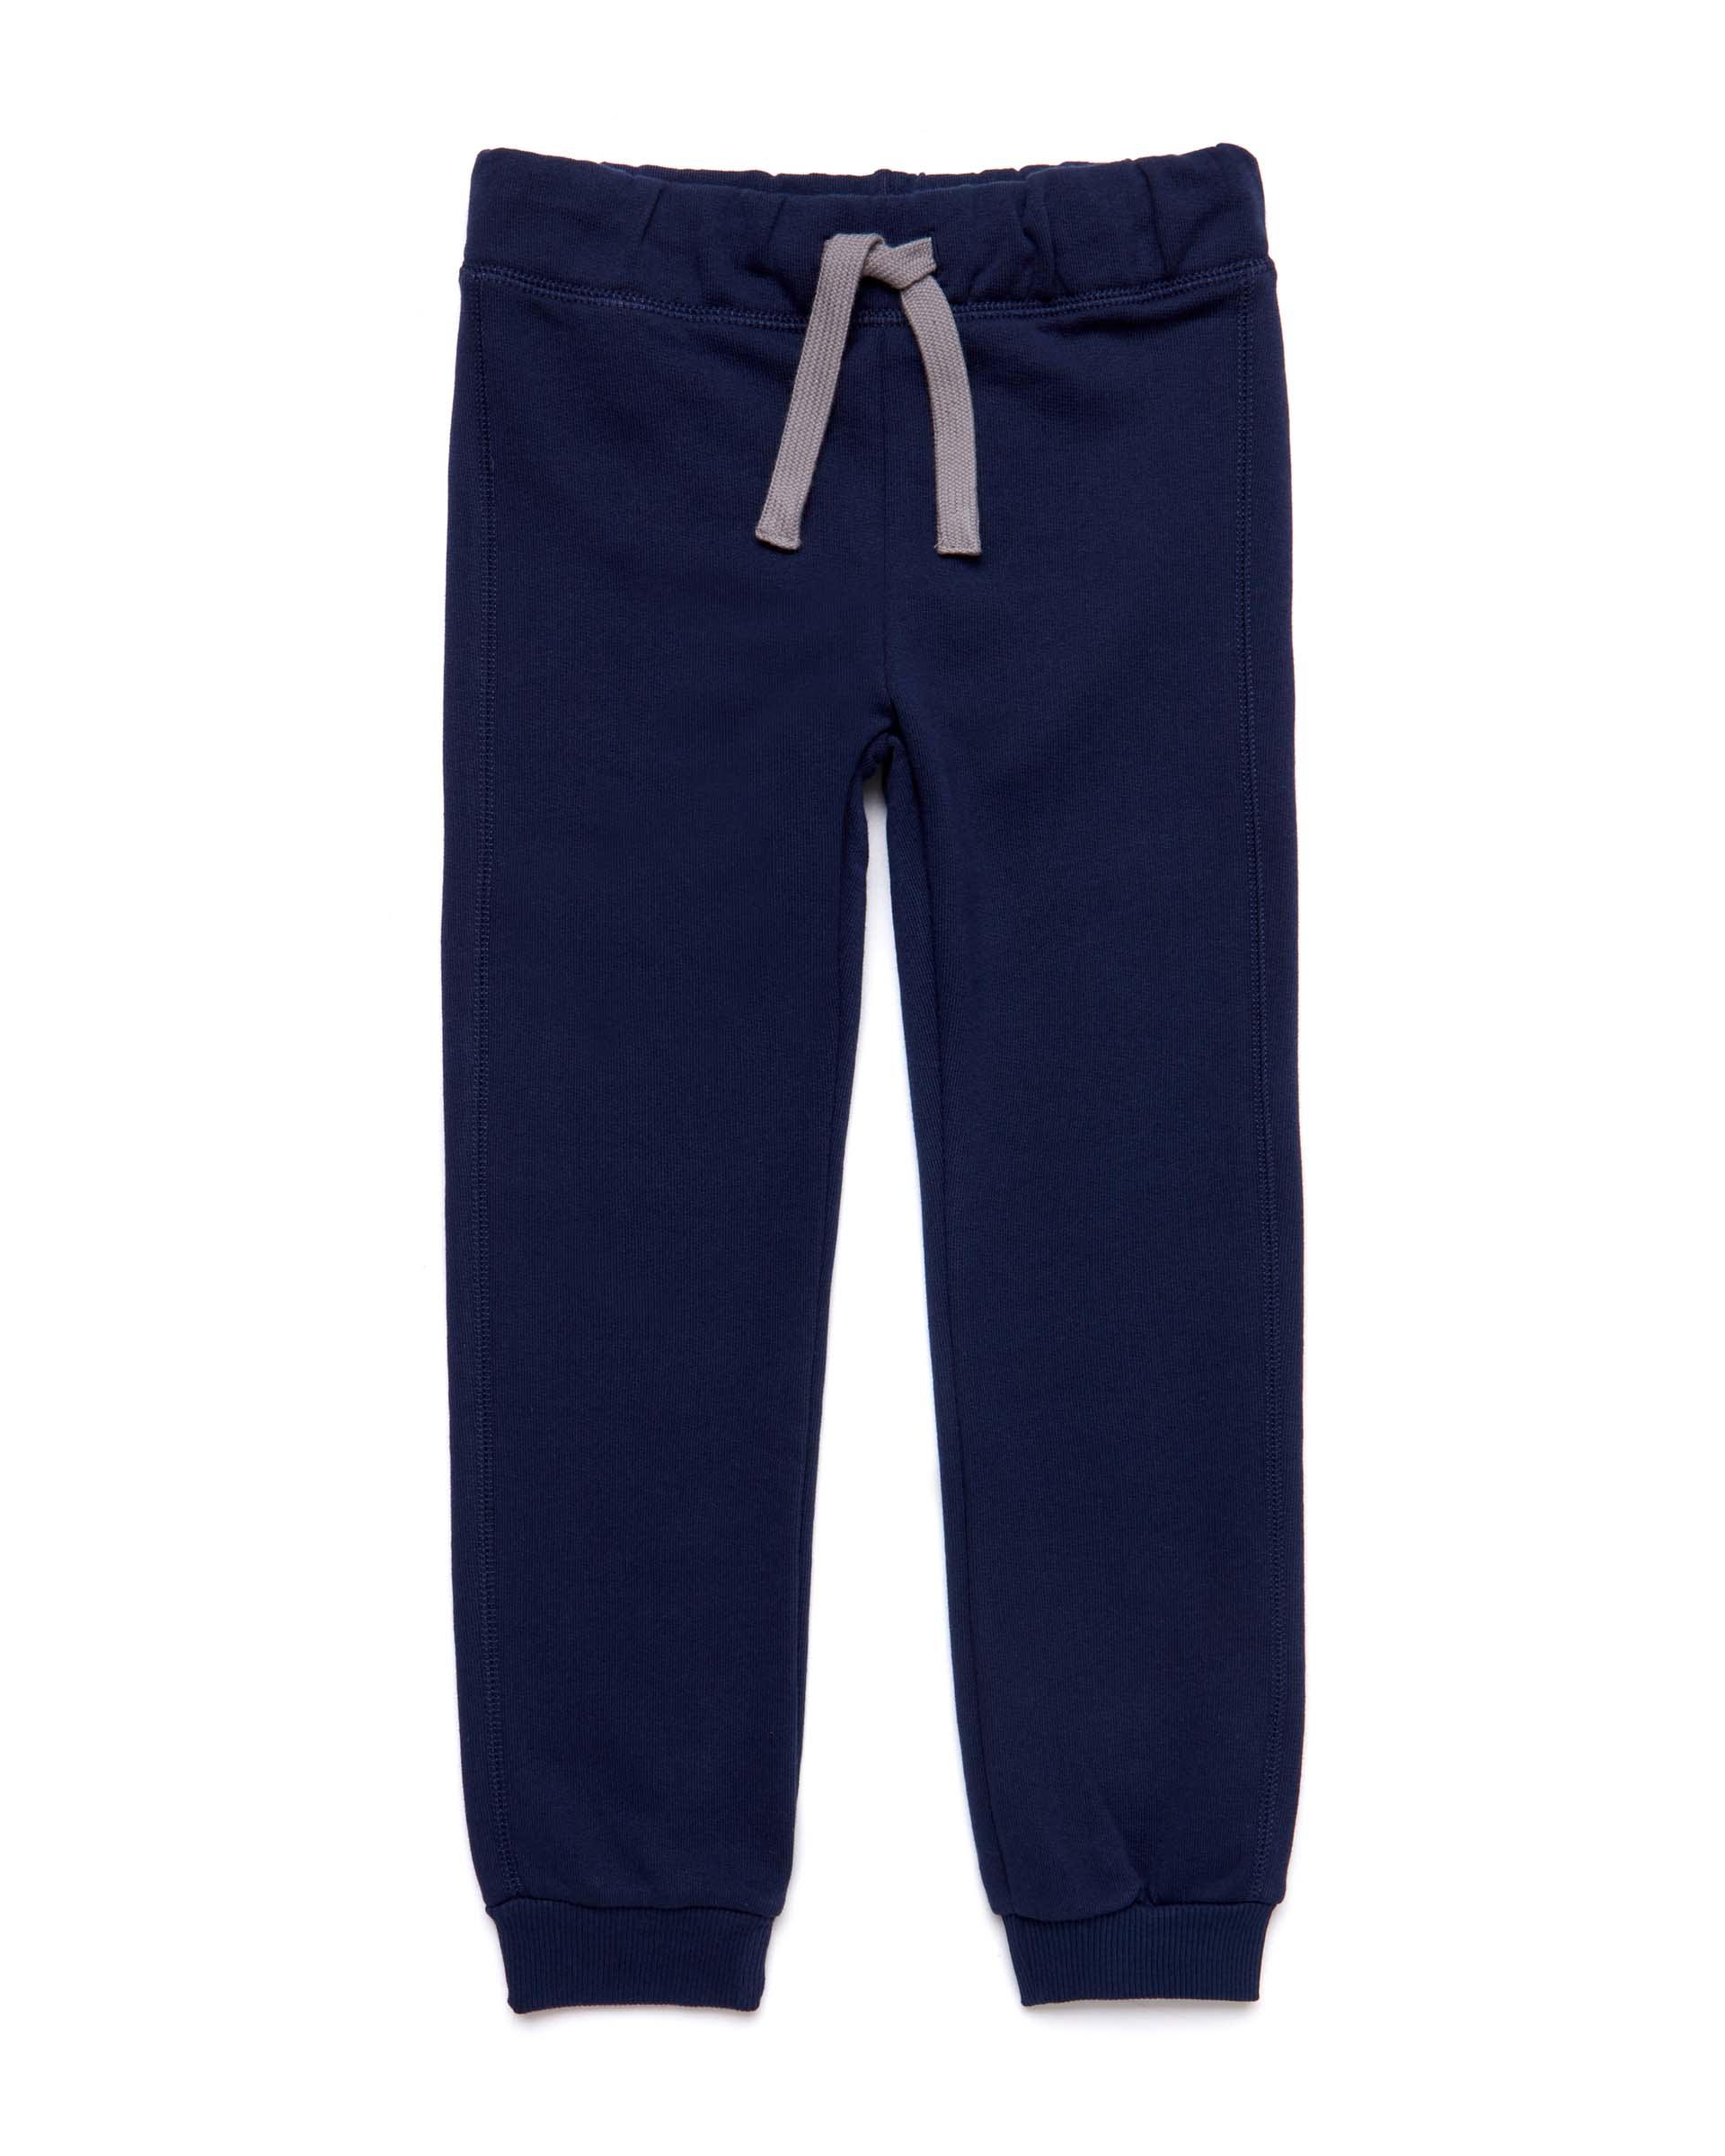 Купить 20P_3J68I0449_252, Спортивные брюки для мальчиков Benetton 3J68I0449_252 р-р 140, United Colors of Benetton, Брюки для мальчиков